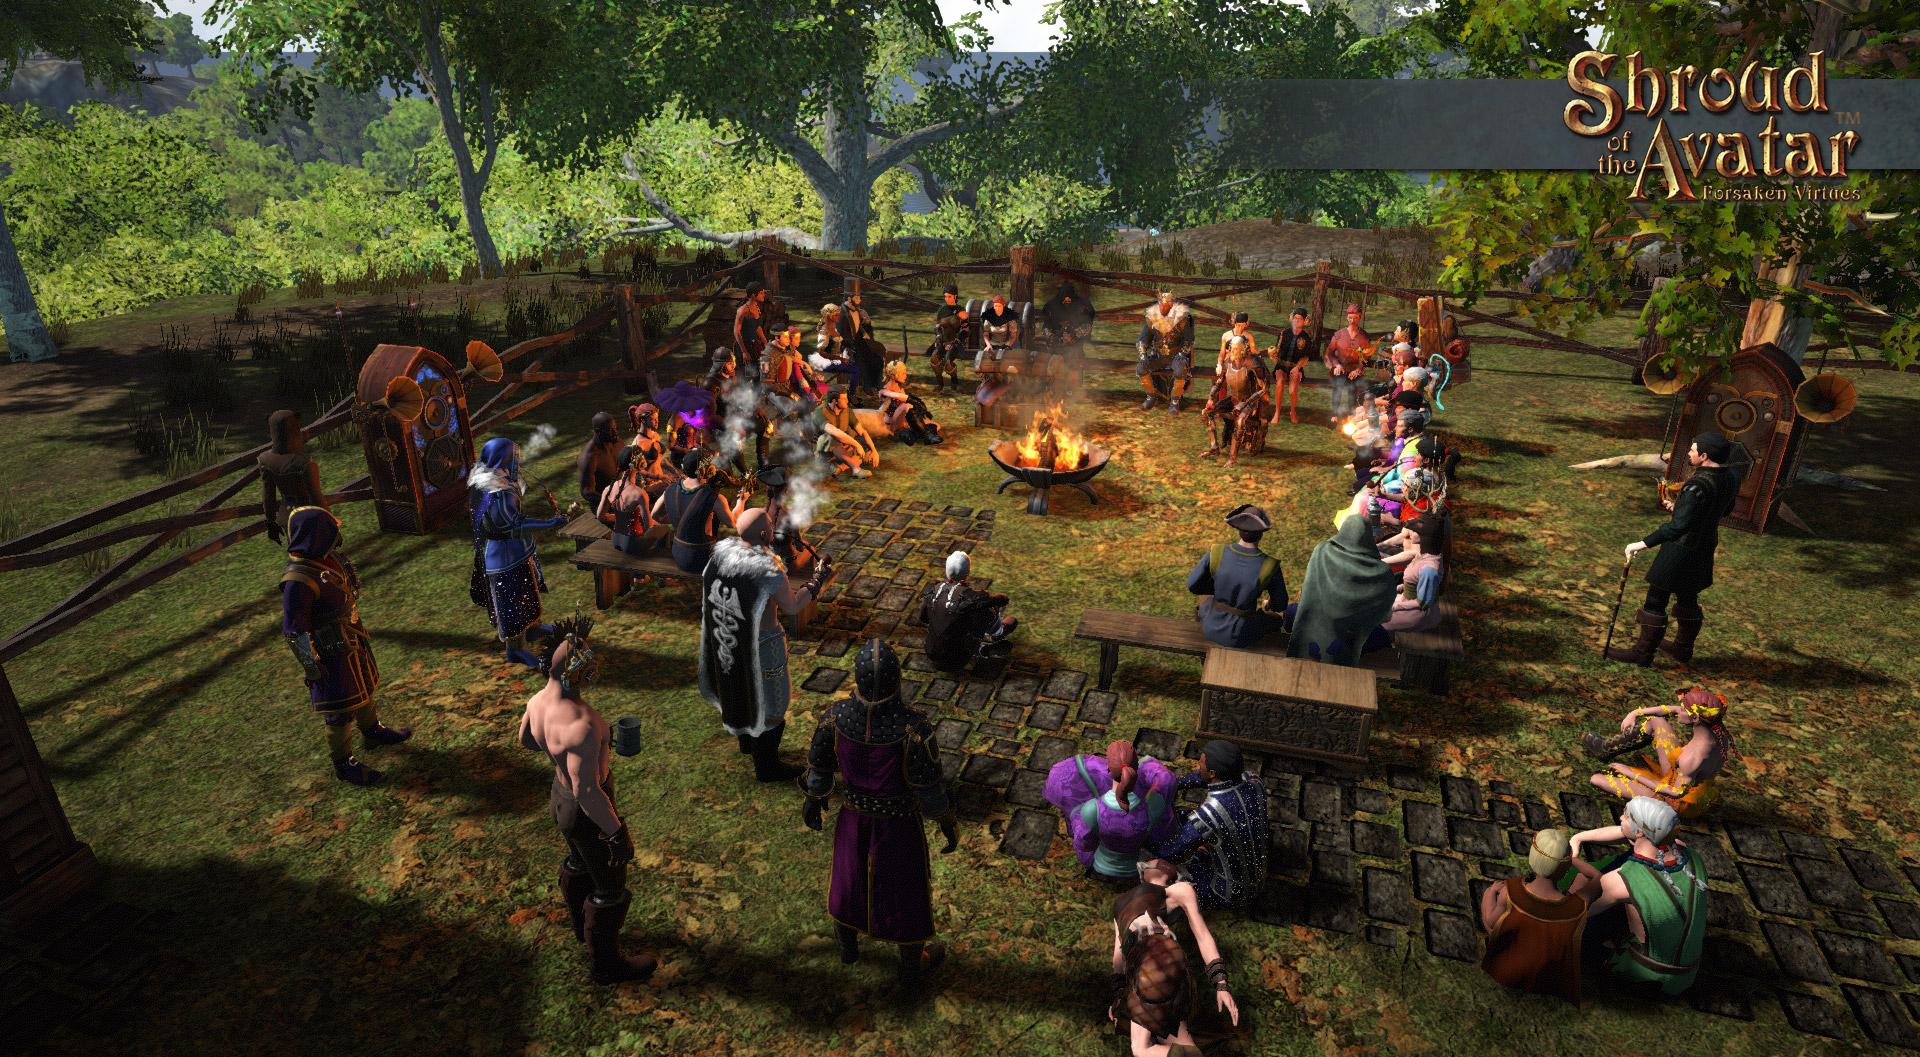 Shroud of the Avatar: Forsaken Virtues on Steam